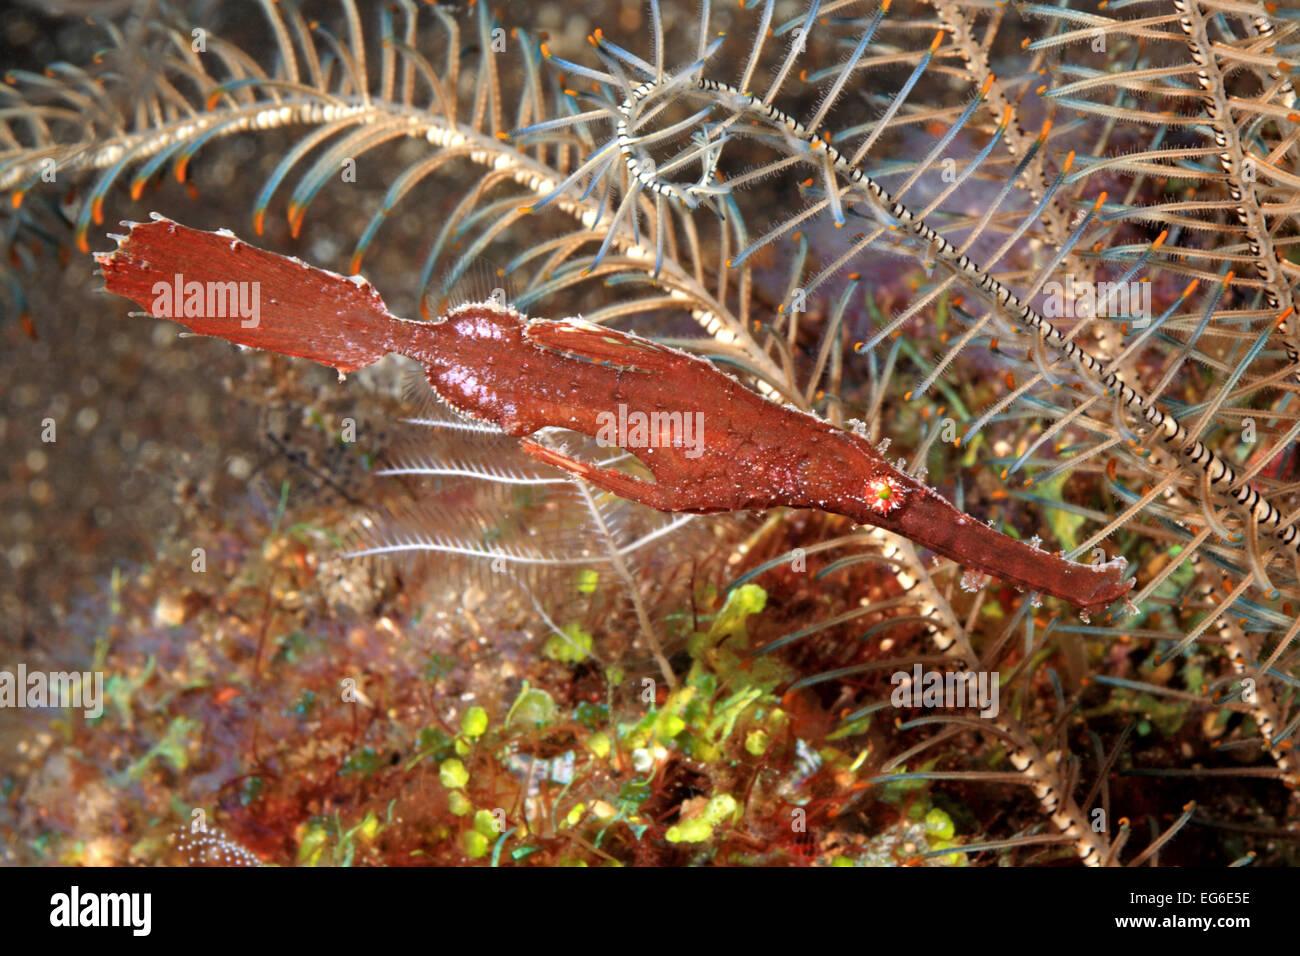 Syngnathe fantôme mince, Solenostomus sp. Ce peut être une variante de syngnathes de la robuste syngnathe Photo Stock